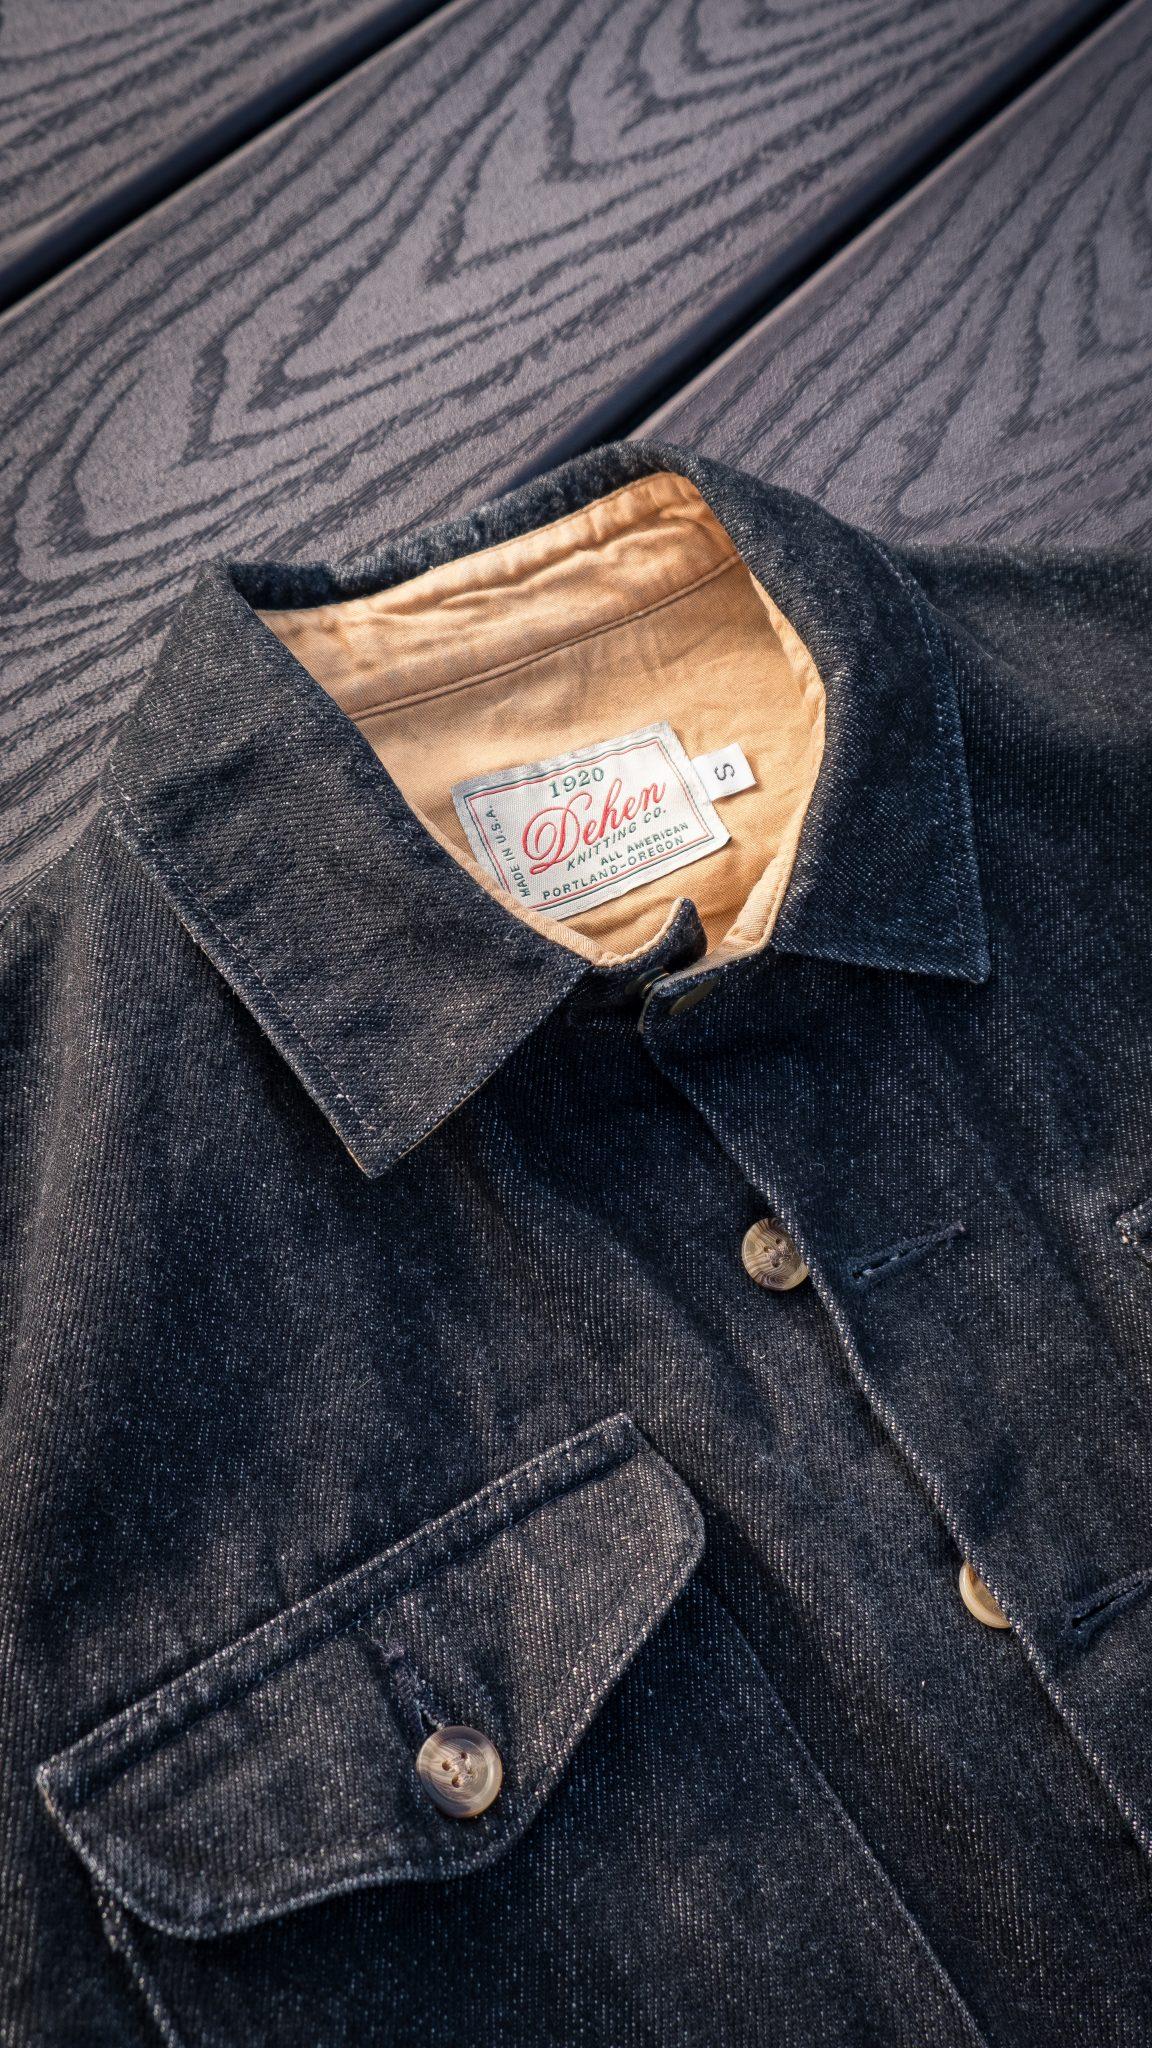 Dehen Black Denim Crissman Overshirt 14 oz fabric